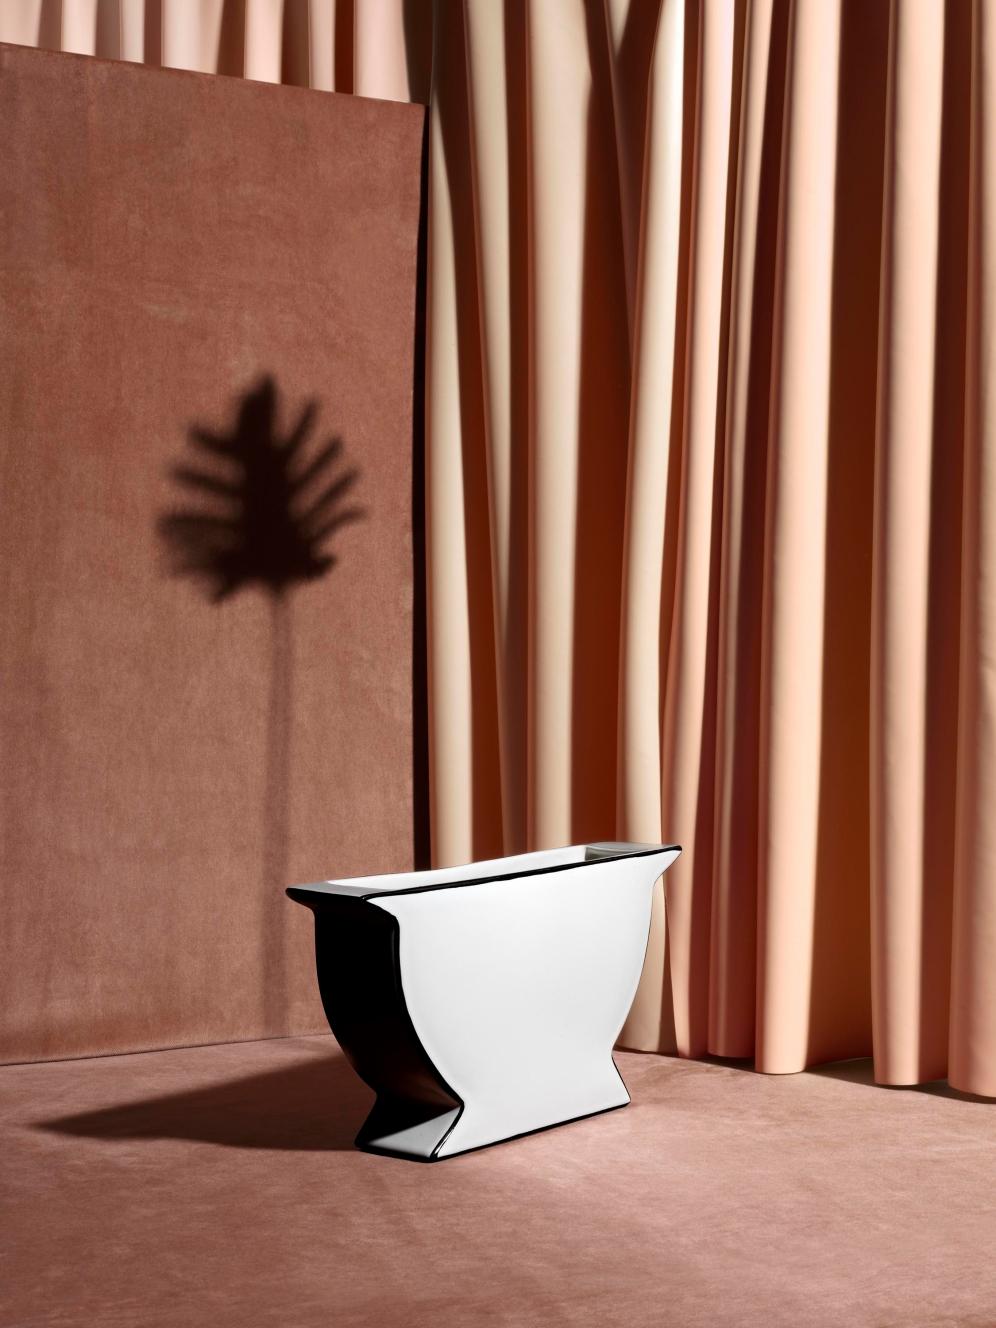 Personal | Ceramics